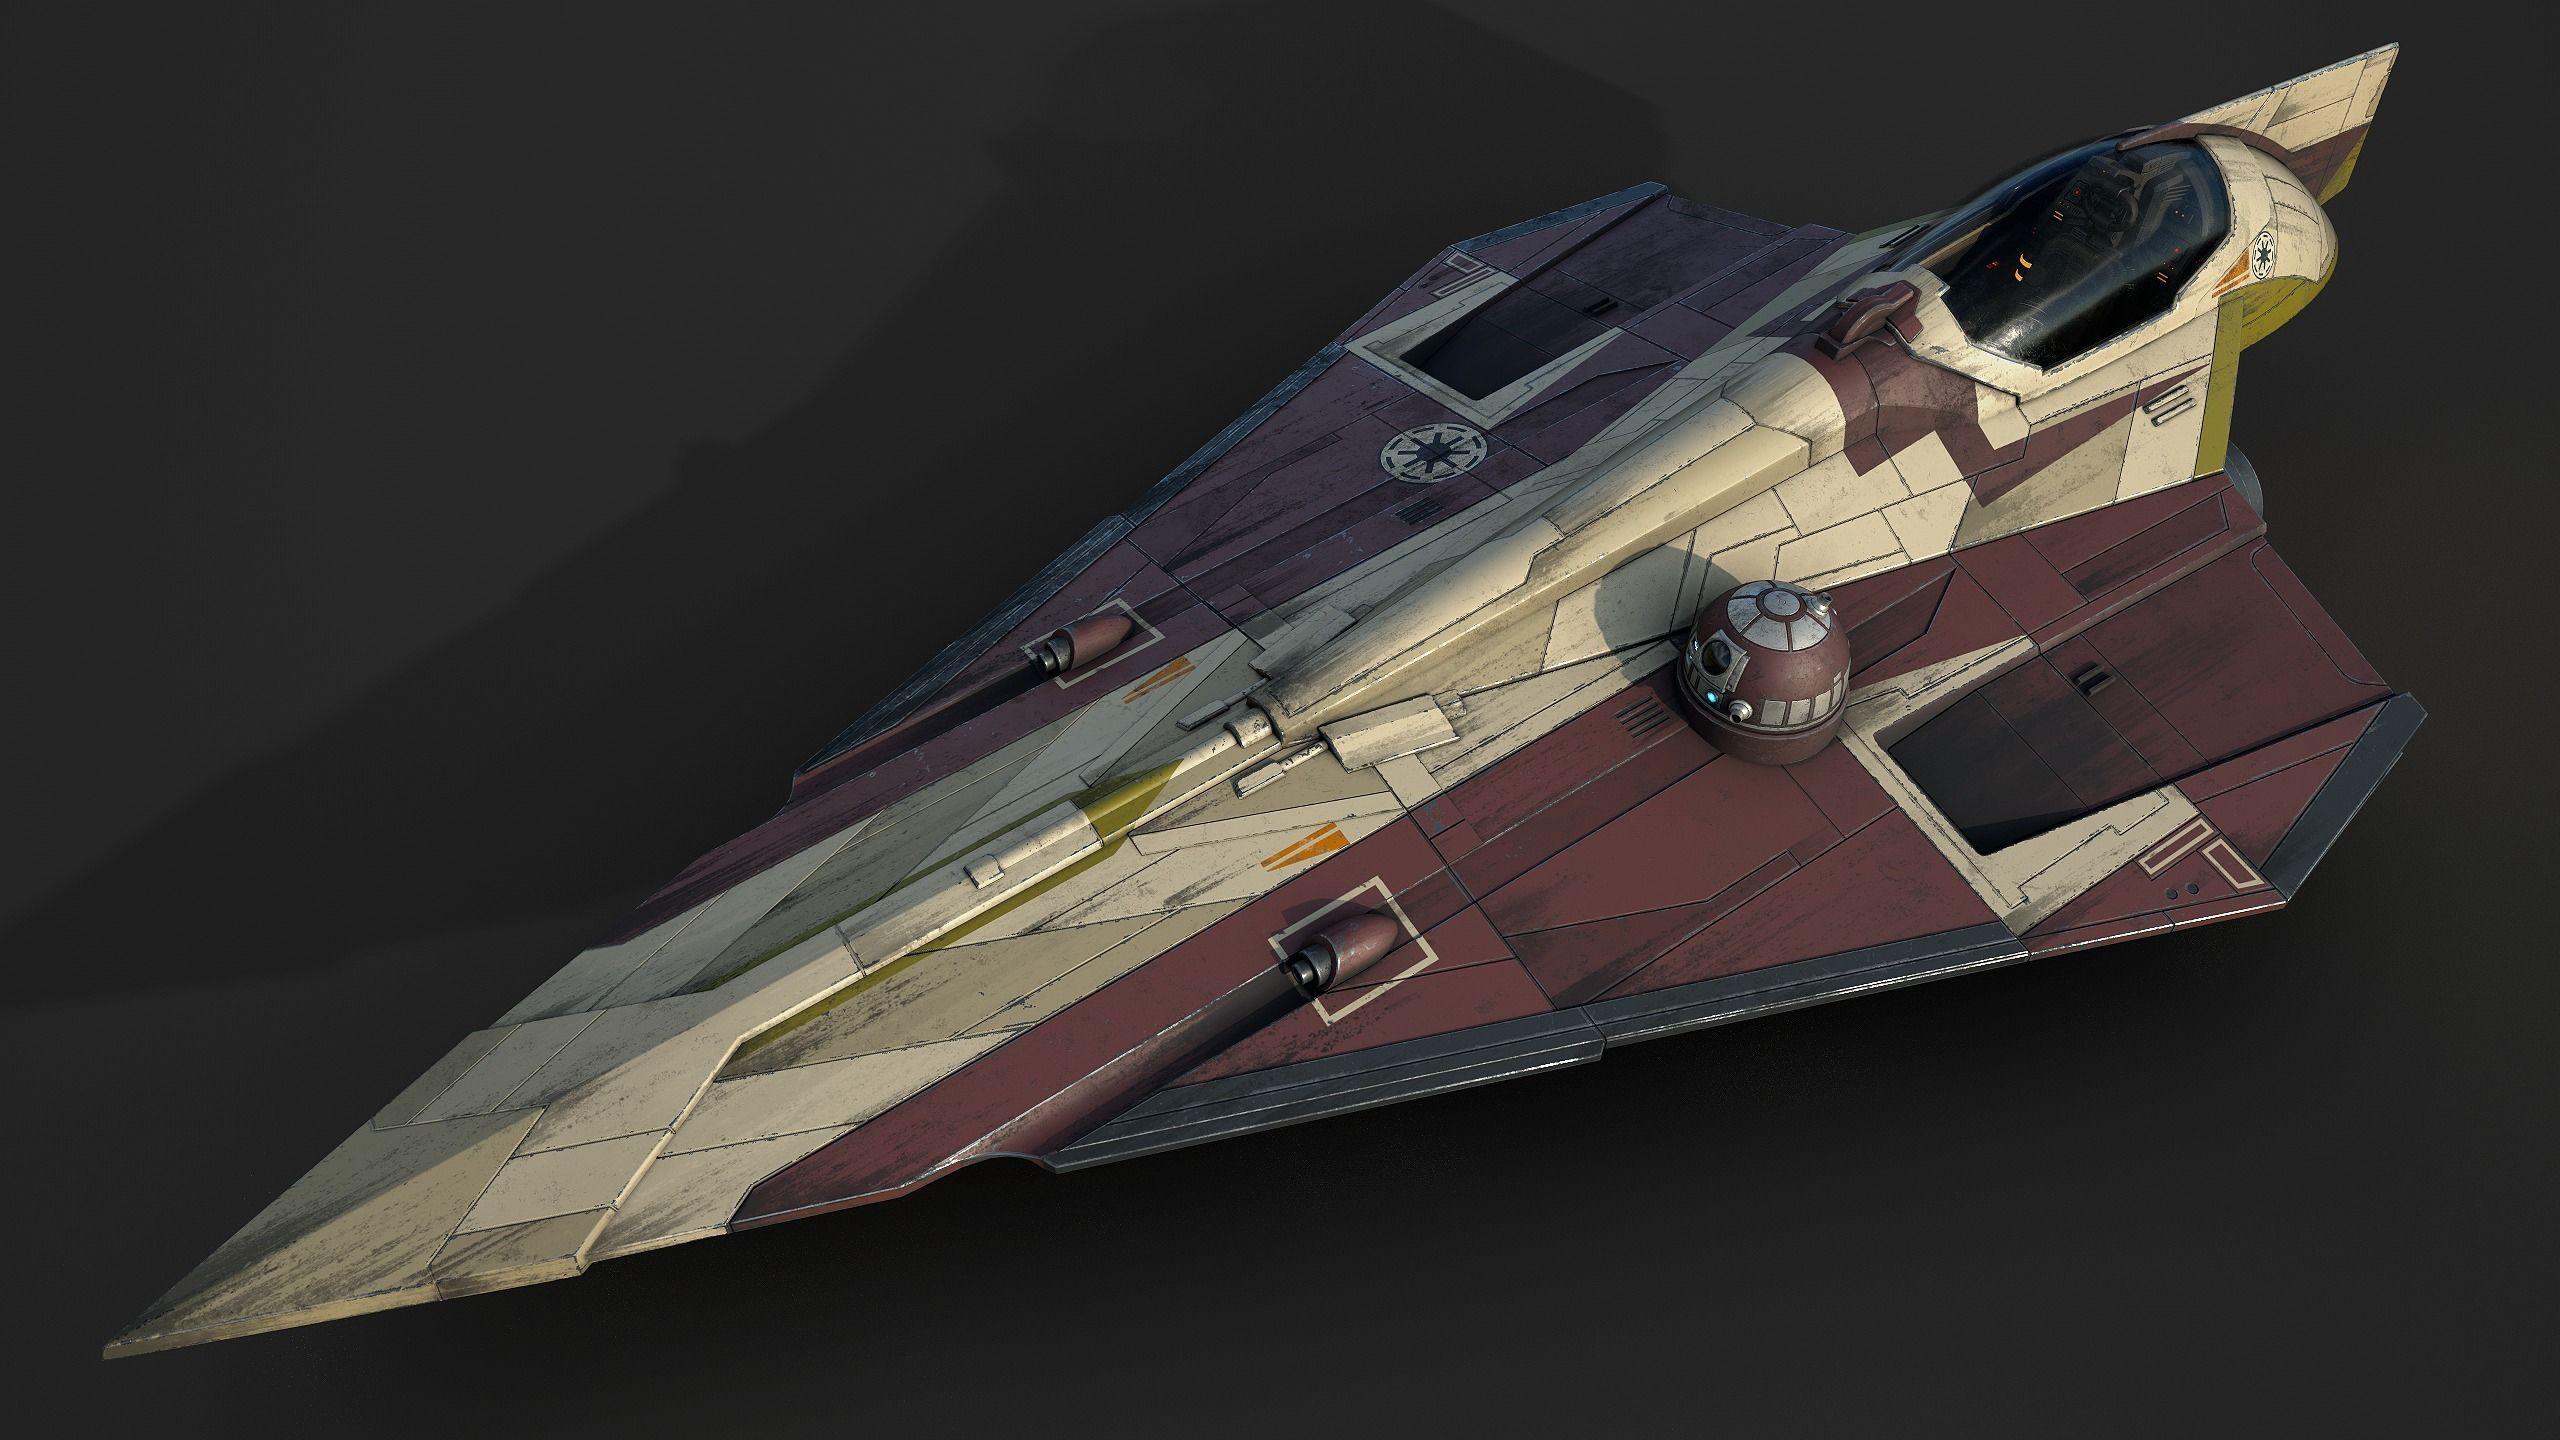 Star Wars Jedi Starfighter - Obi Wan Kenobi